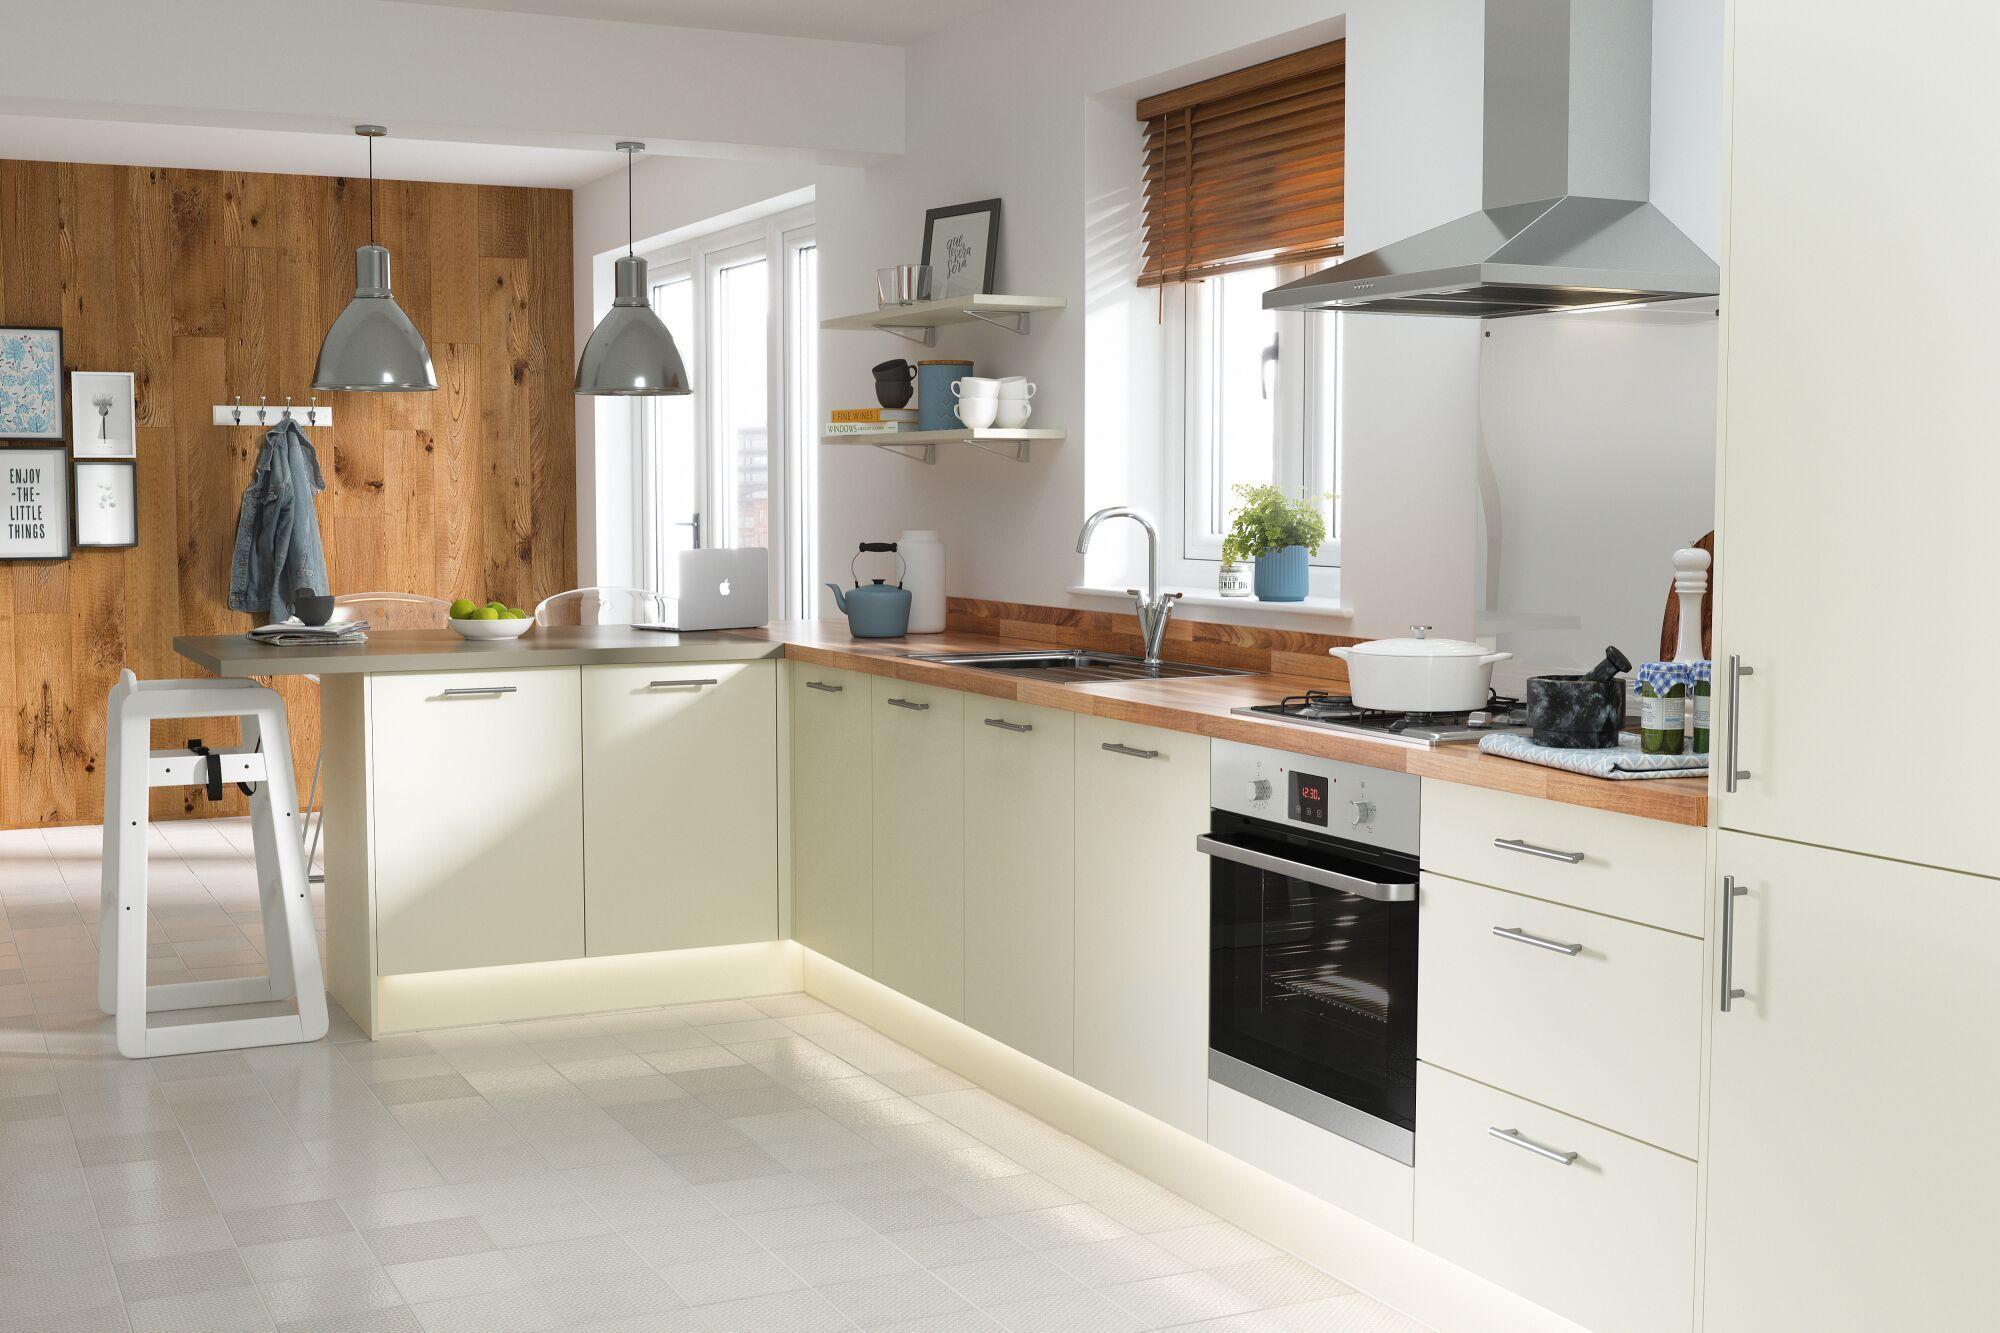 Slab Kitchen in Cream Kitchen Wren kitchen, Kitchen